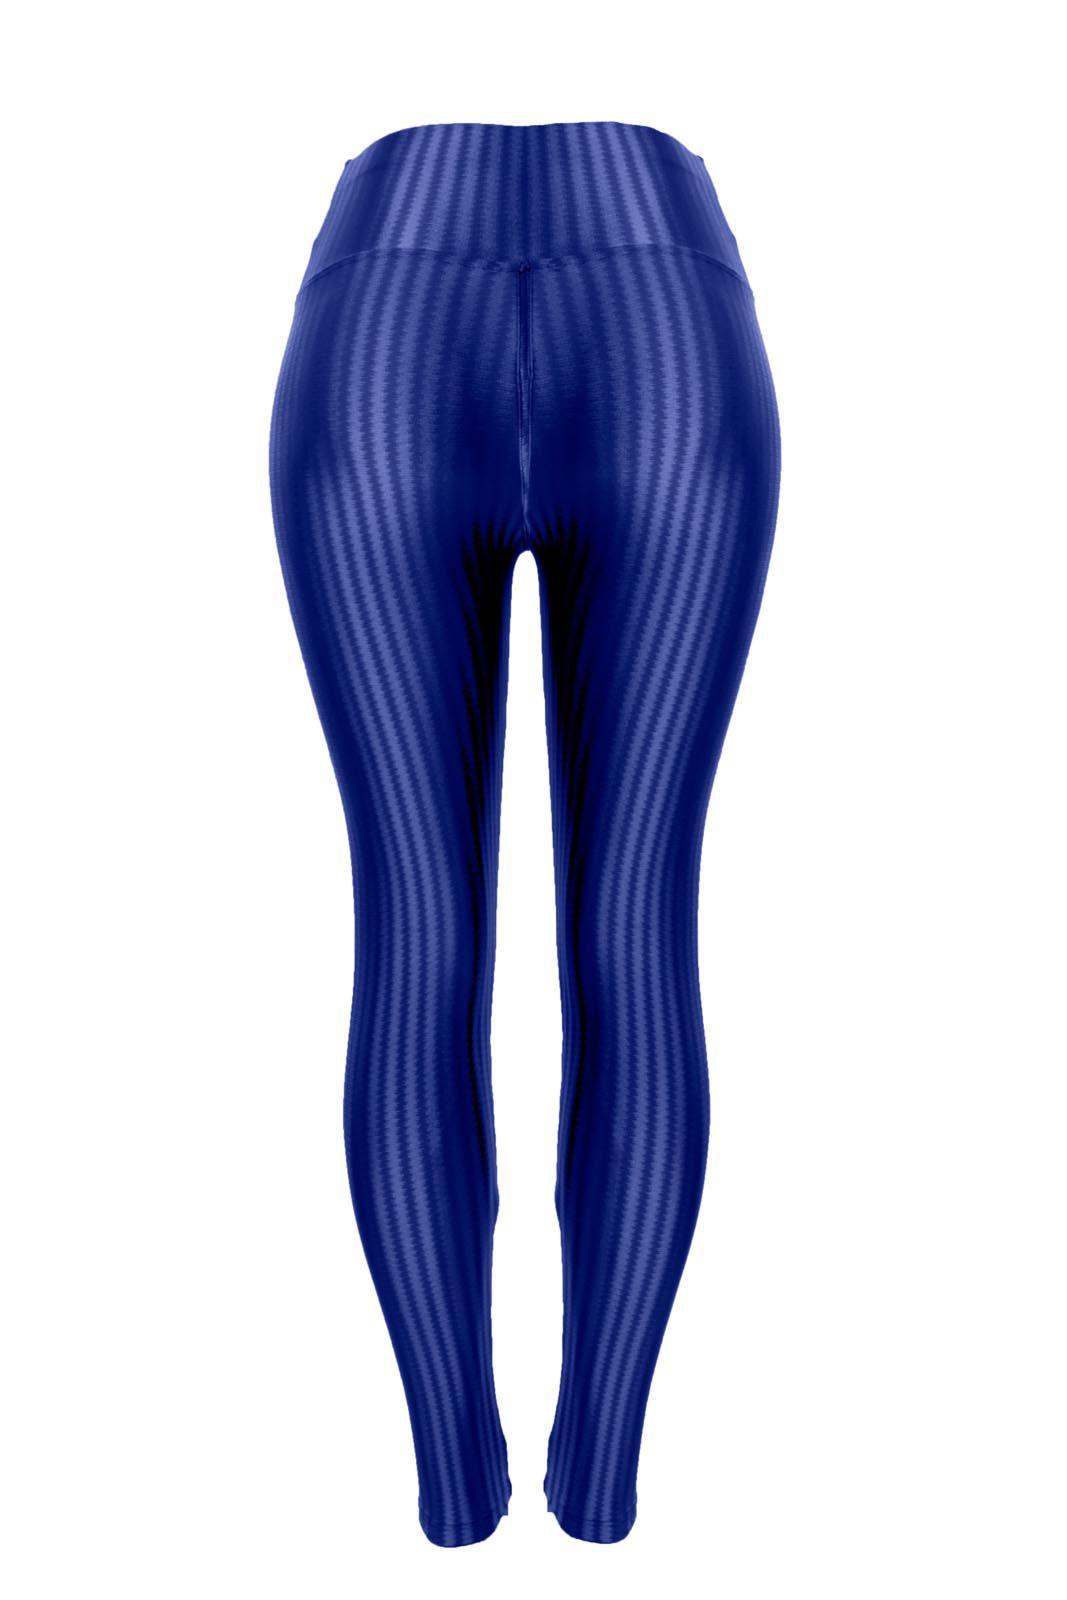 Body Outlet Dri Manga Curta Suplex Detalhe Renda Frontal Decote Em V Rosê